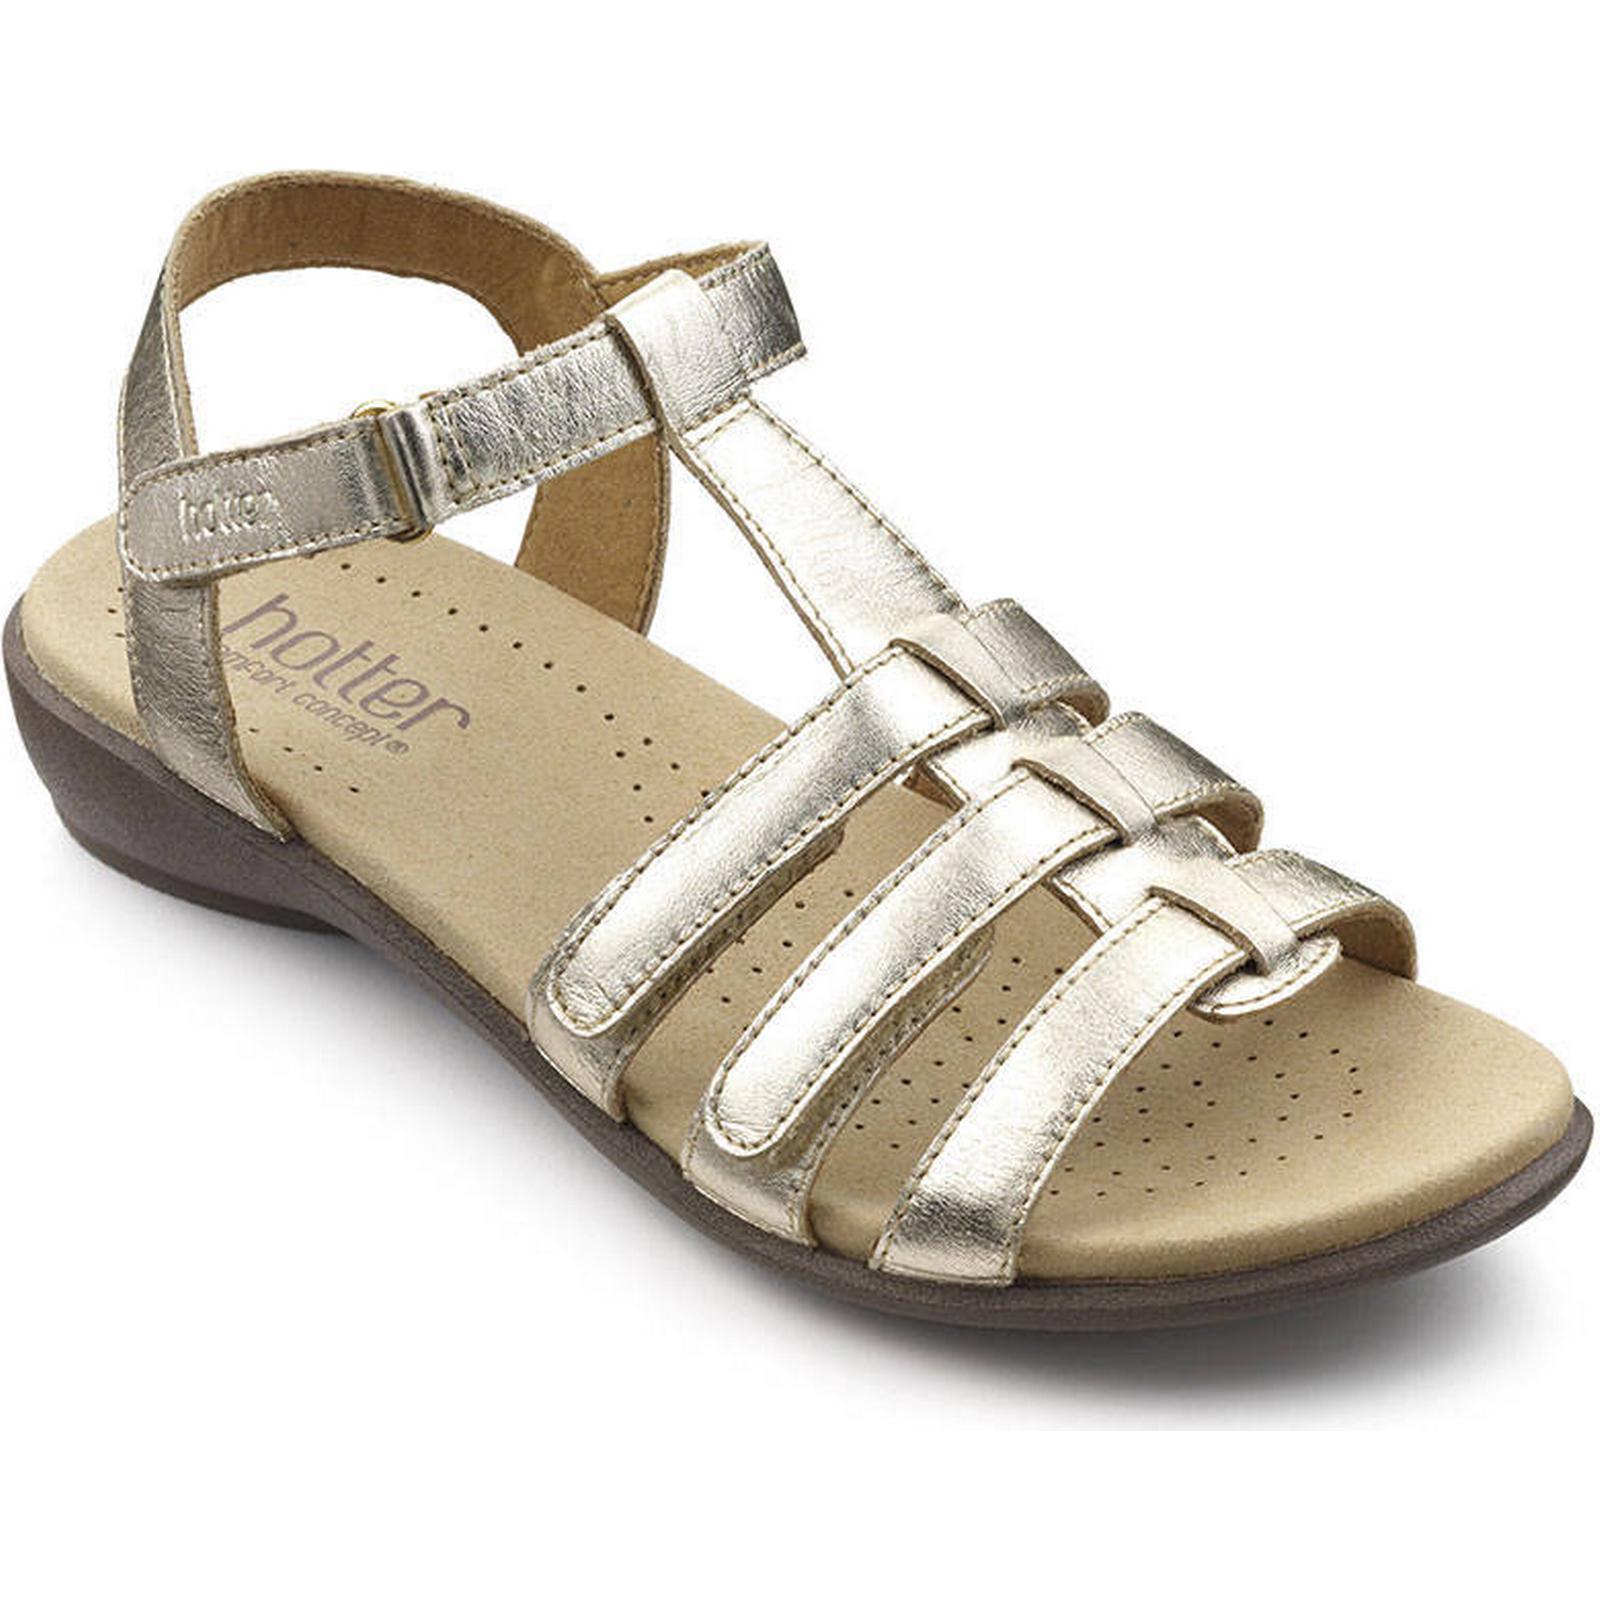 sol sandales - - Noir  multi - sandales - norme digne - a76152